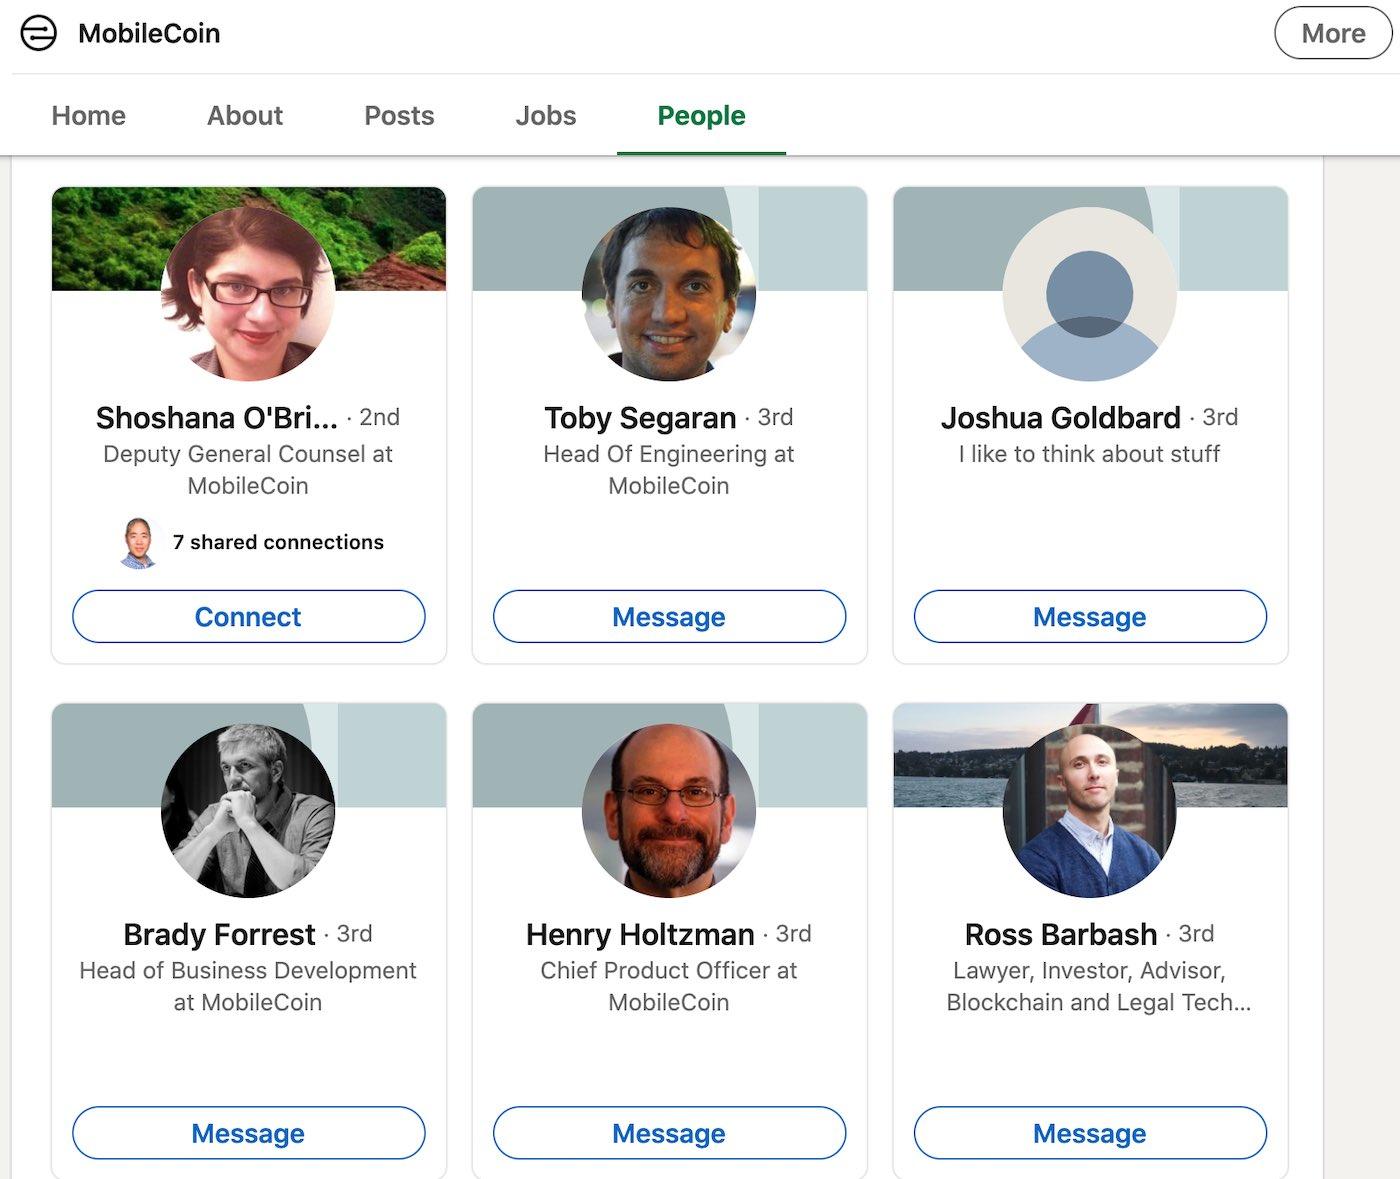 mobilecoin-team